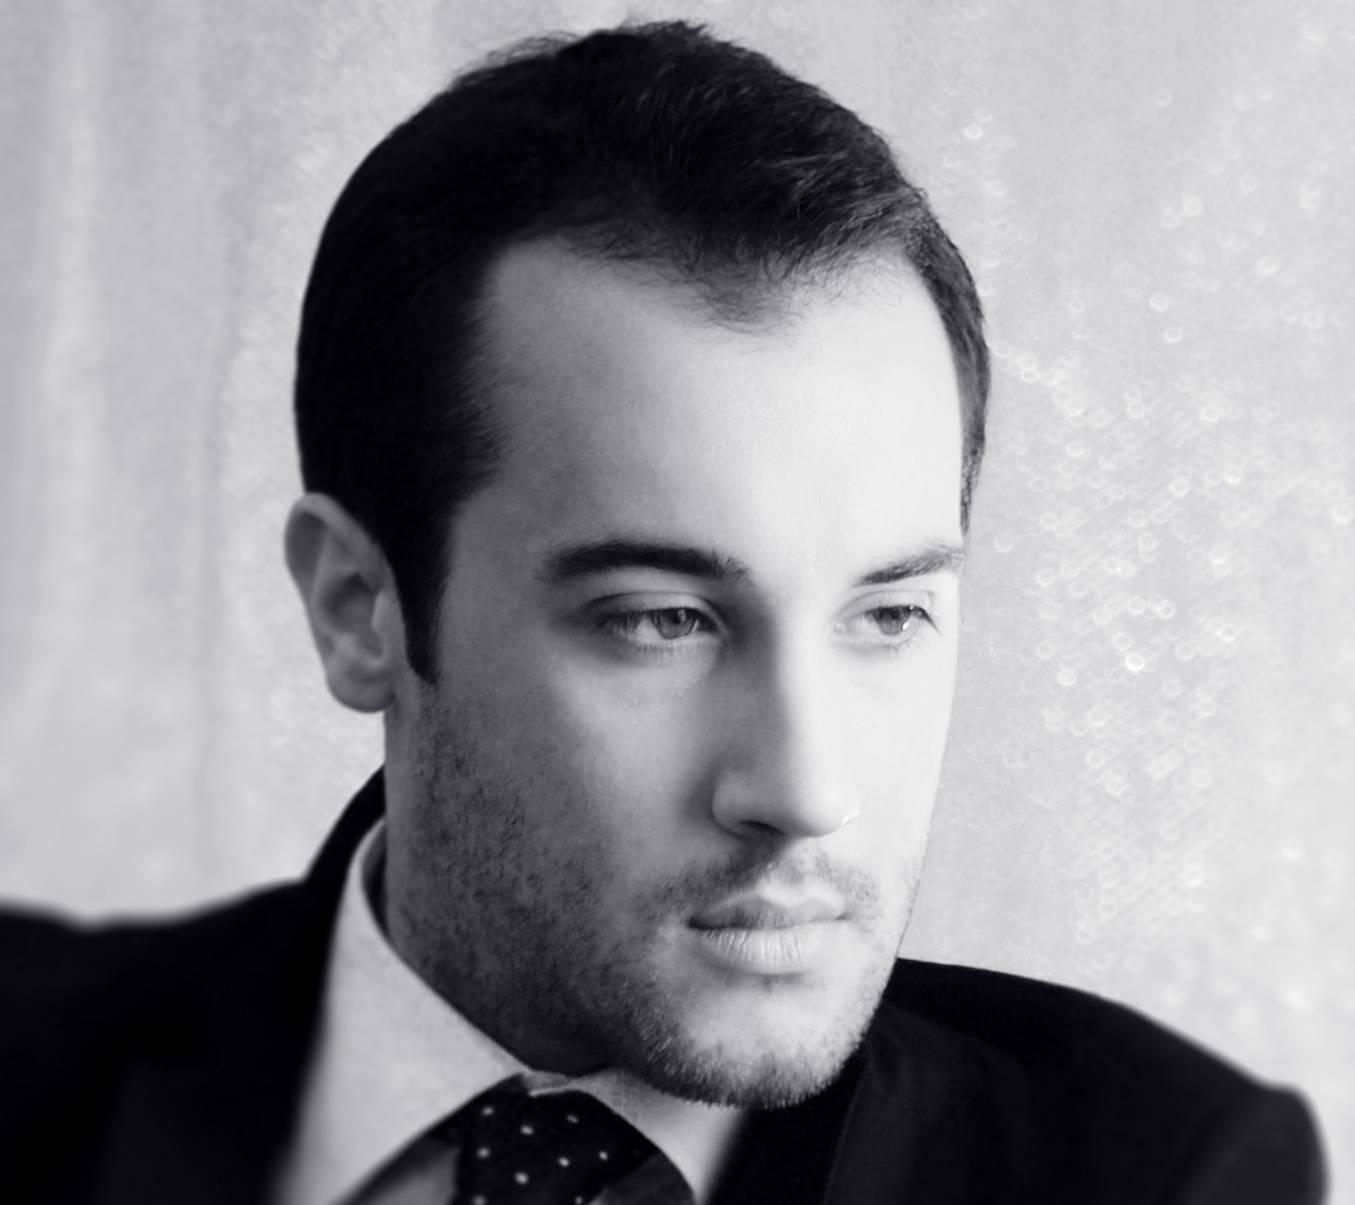 Luca Guastoni